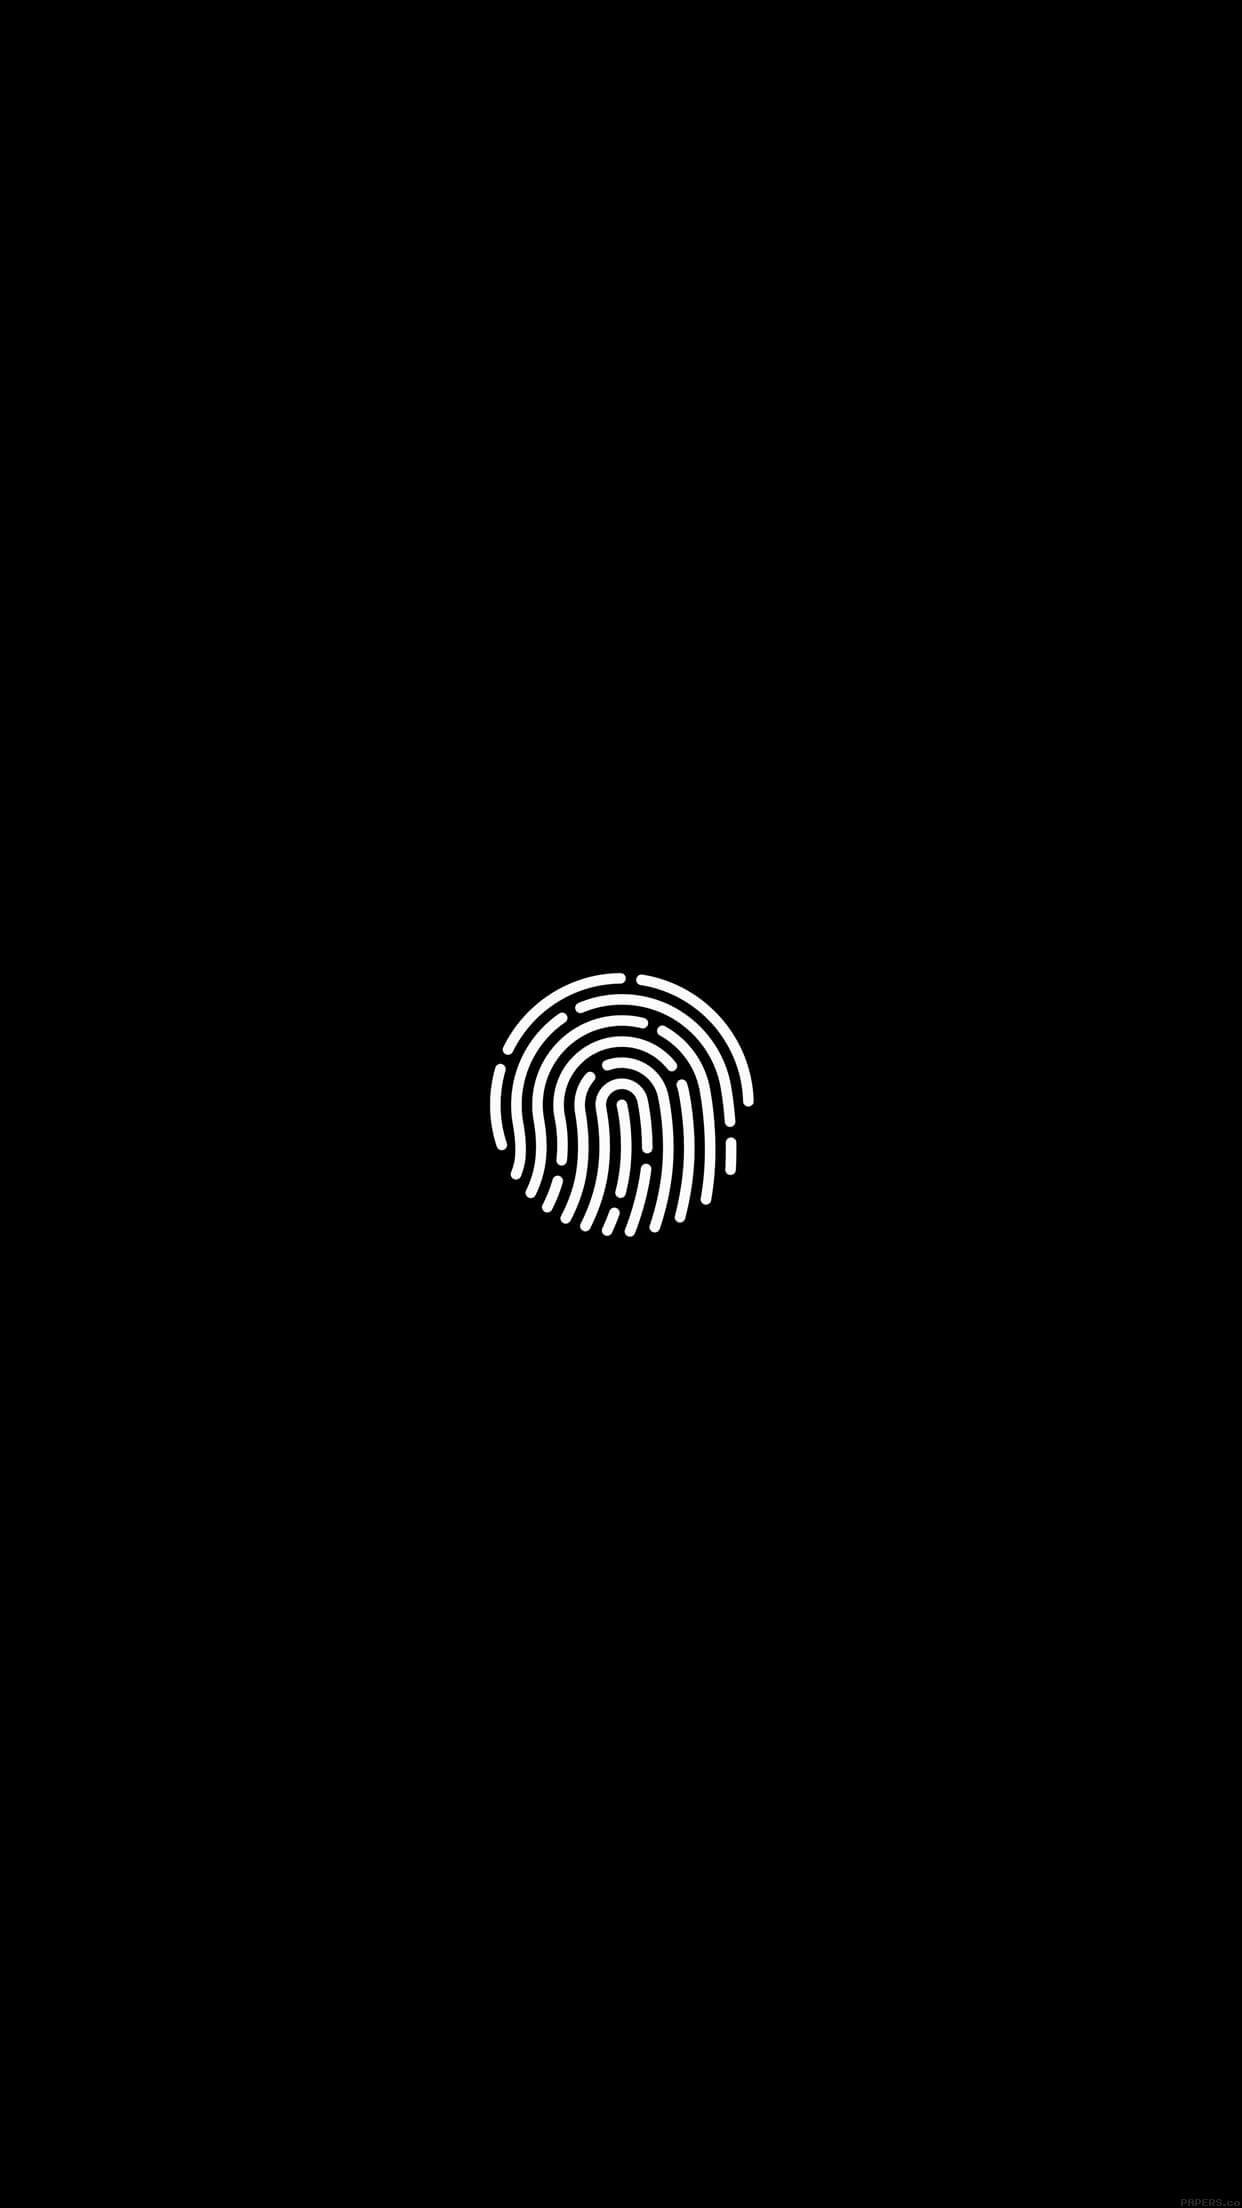 … black and white fingerprint iphone wallpaper …